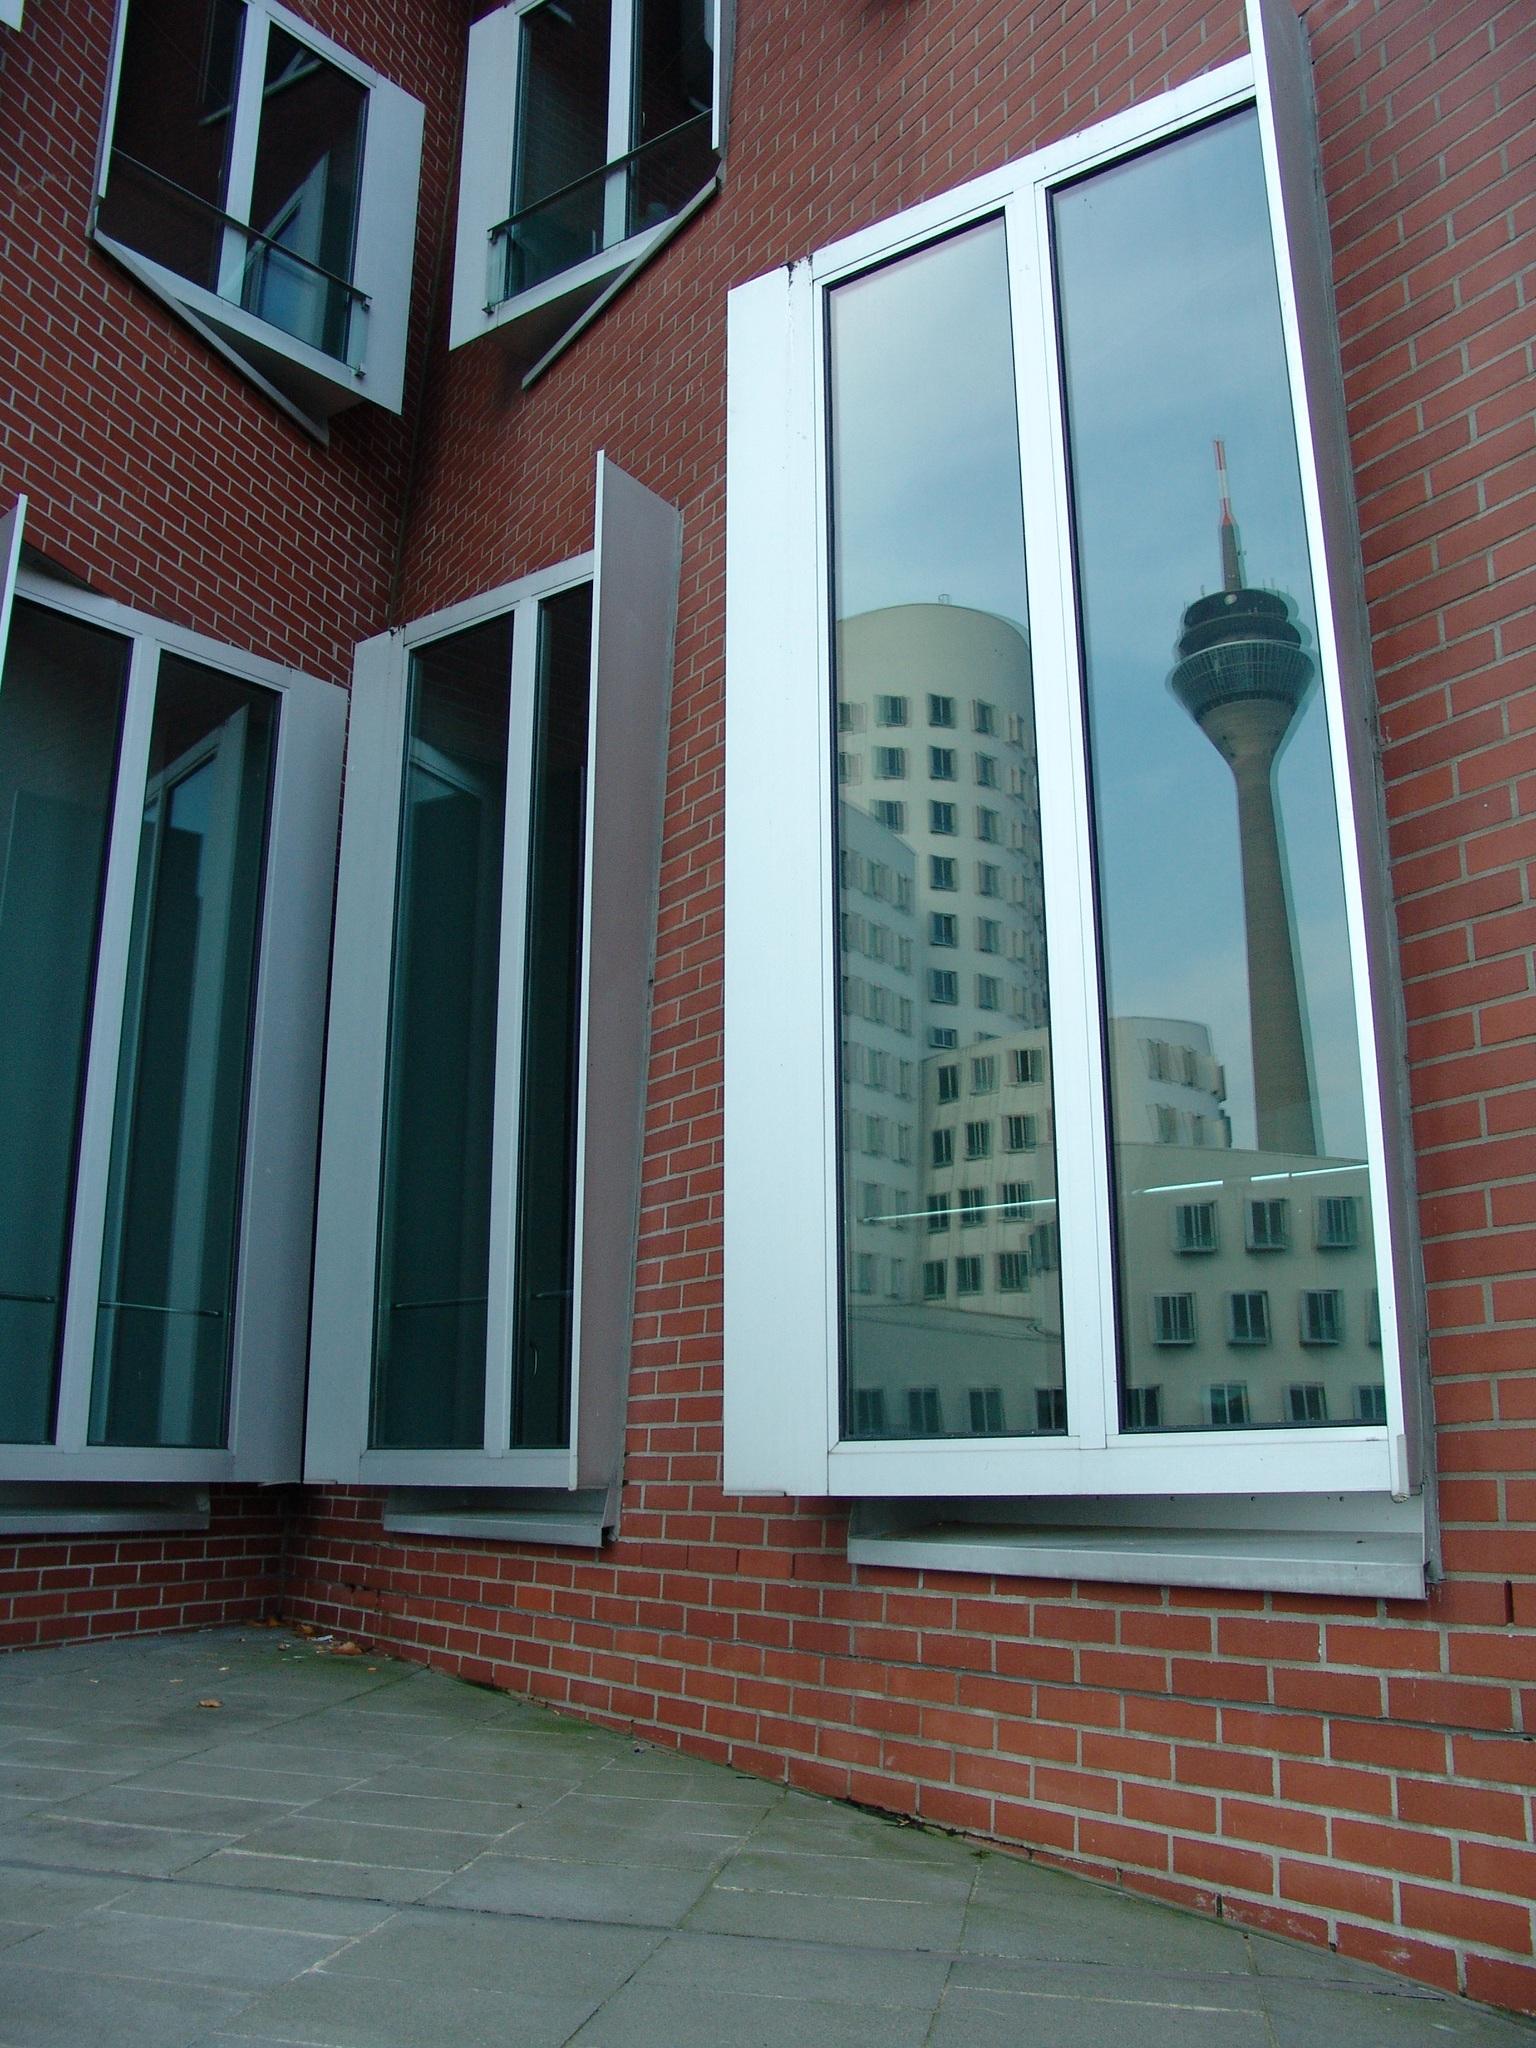 무료 이미지 : 건축물, 집, 창문, 마천루, 정면, 벽돌, 인테리어 ...